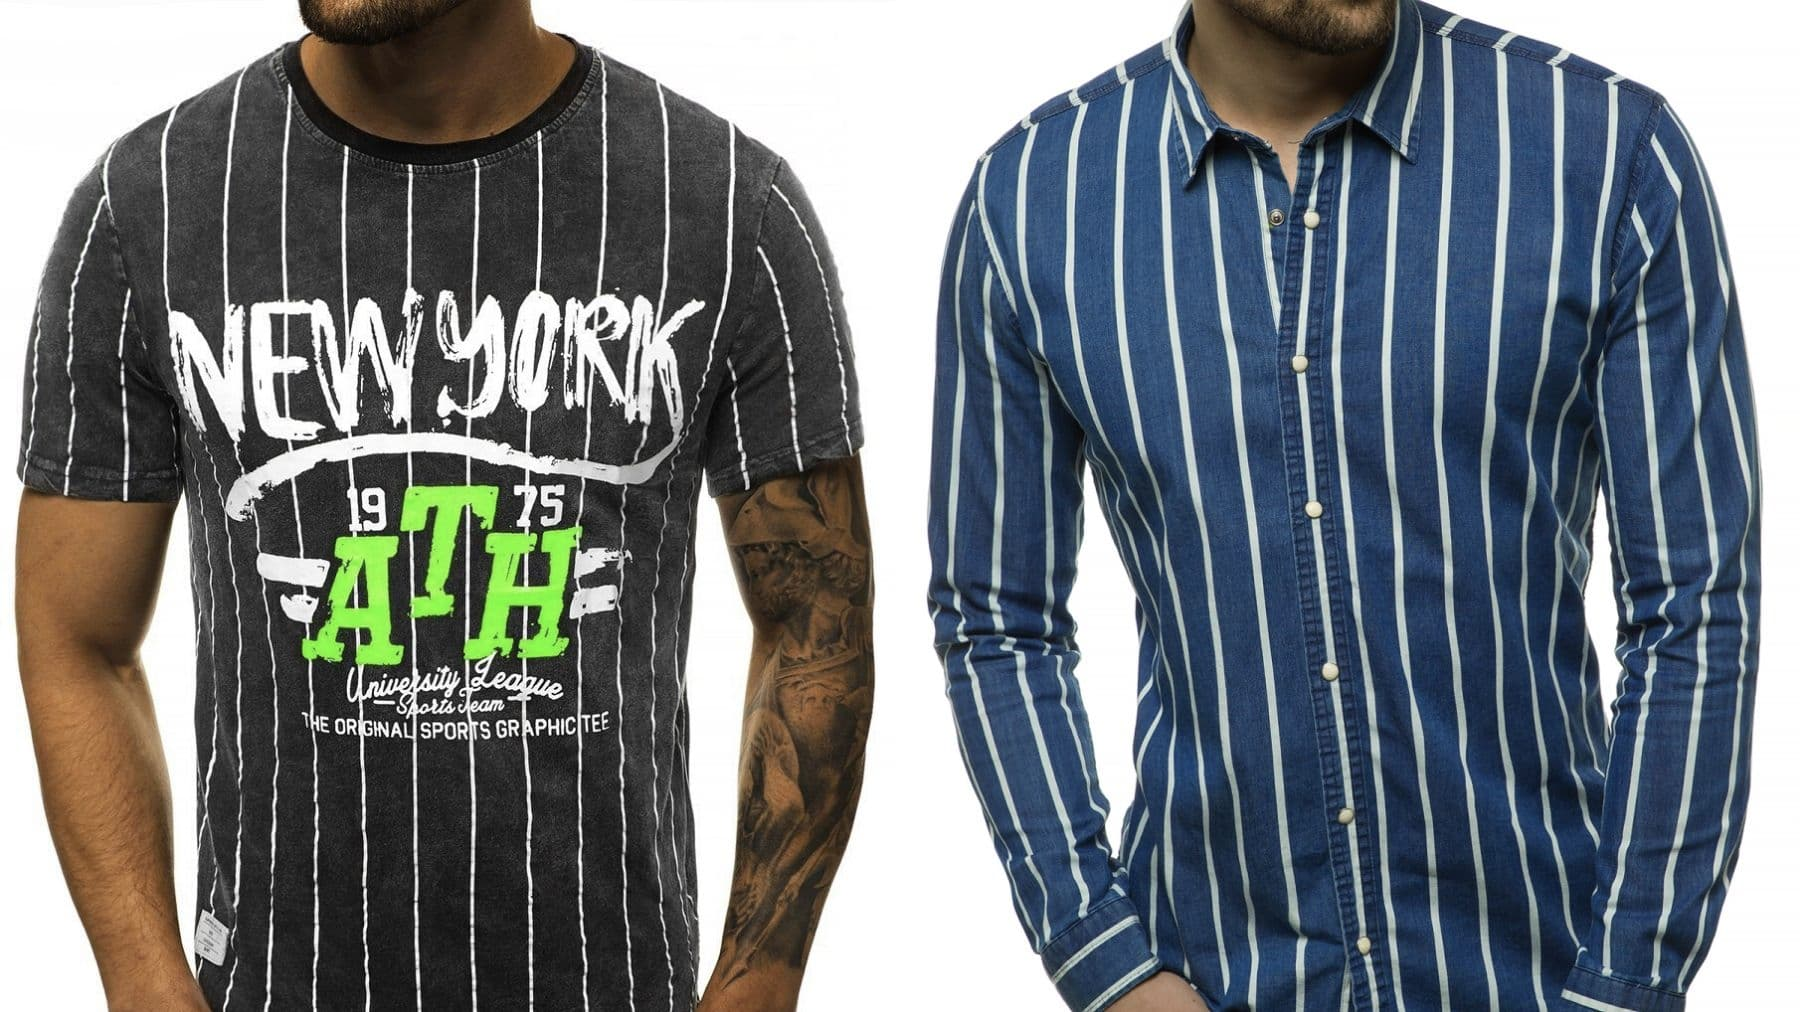 koszula i t-shirt w pasie